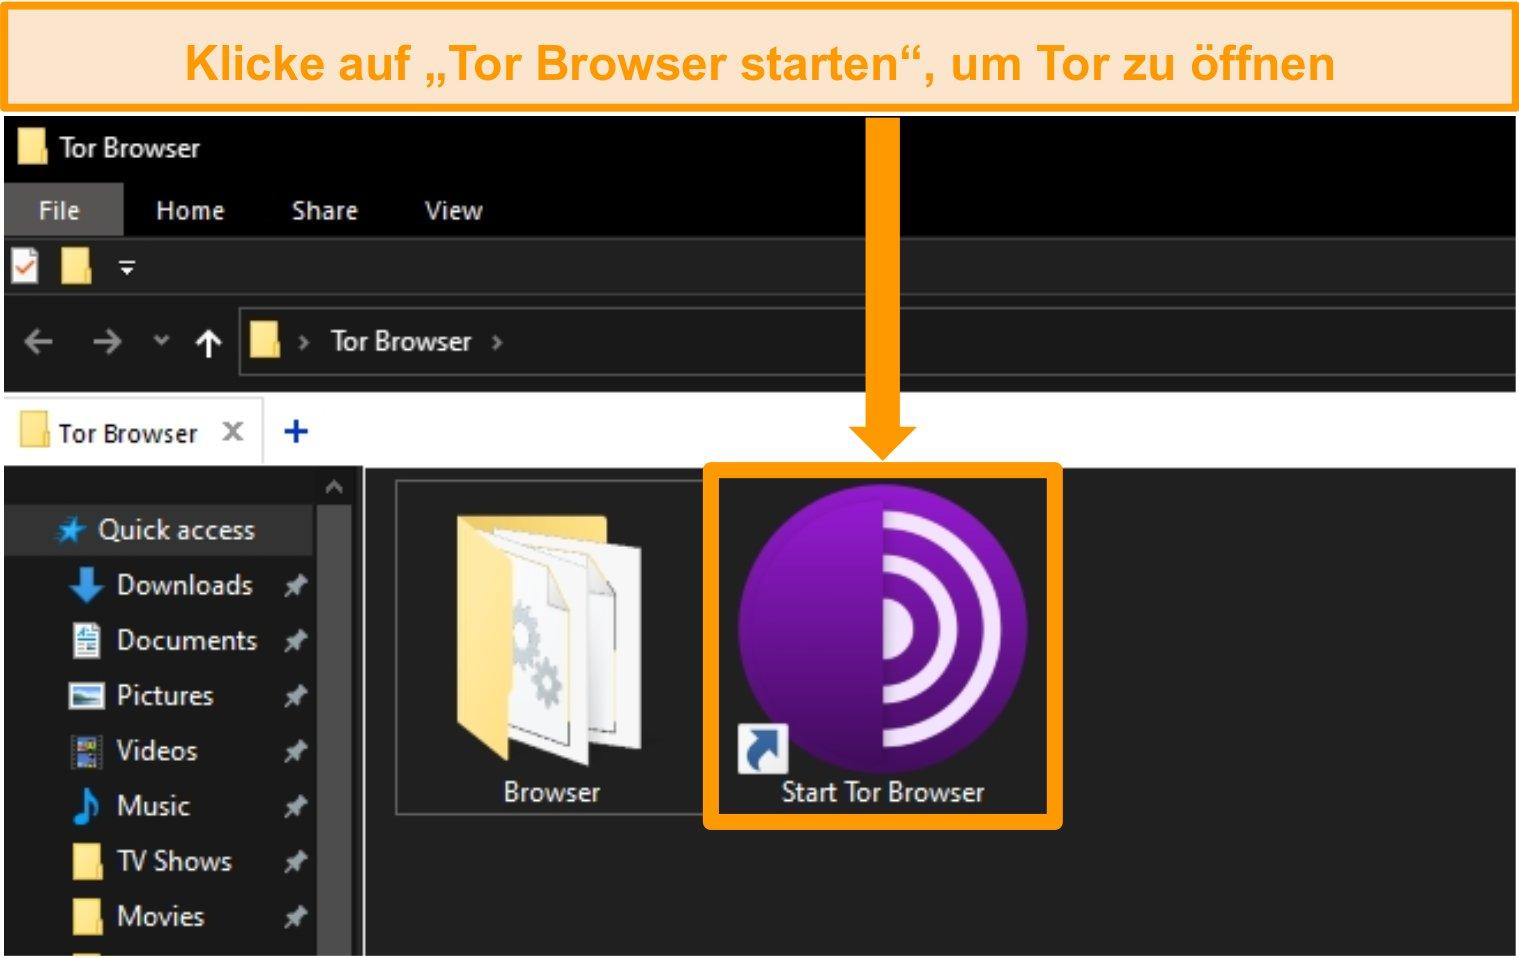 Screenshot der Verknüpfung zur Installation des Tor-Browsers unter Windows